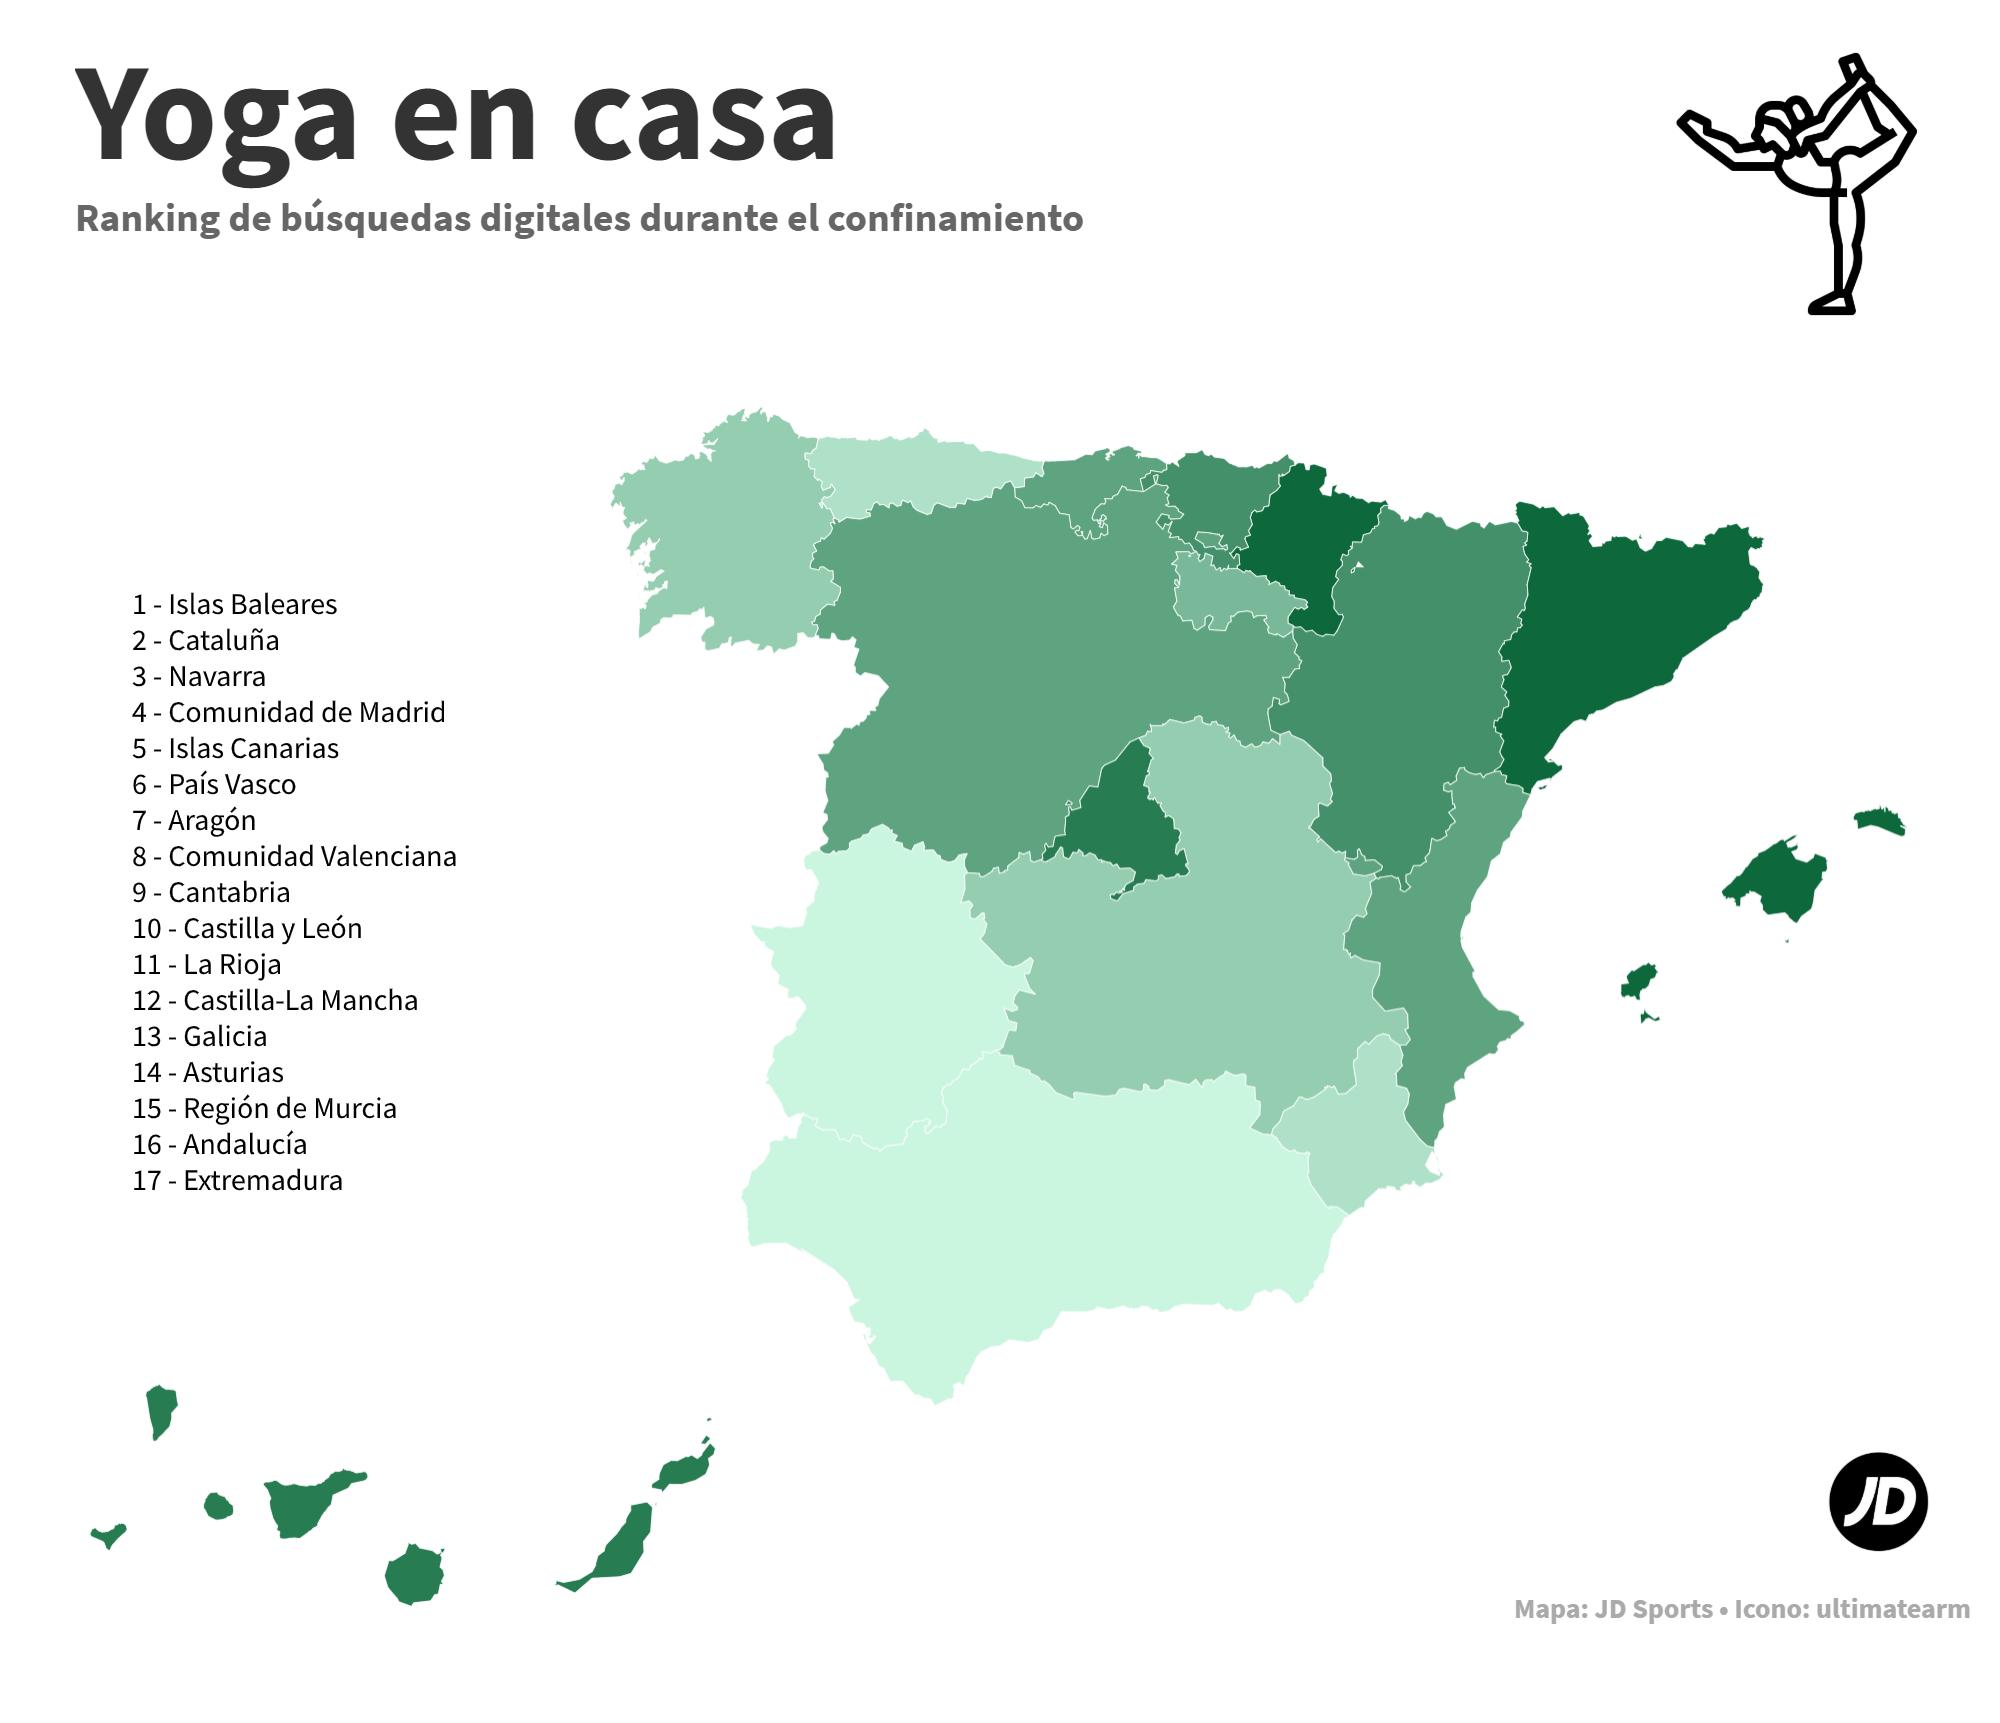 Mapa de España con las comunidades autónomas más interesadas en yoga durante el confinamiento